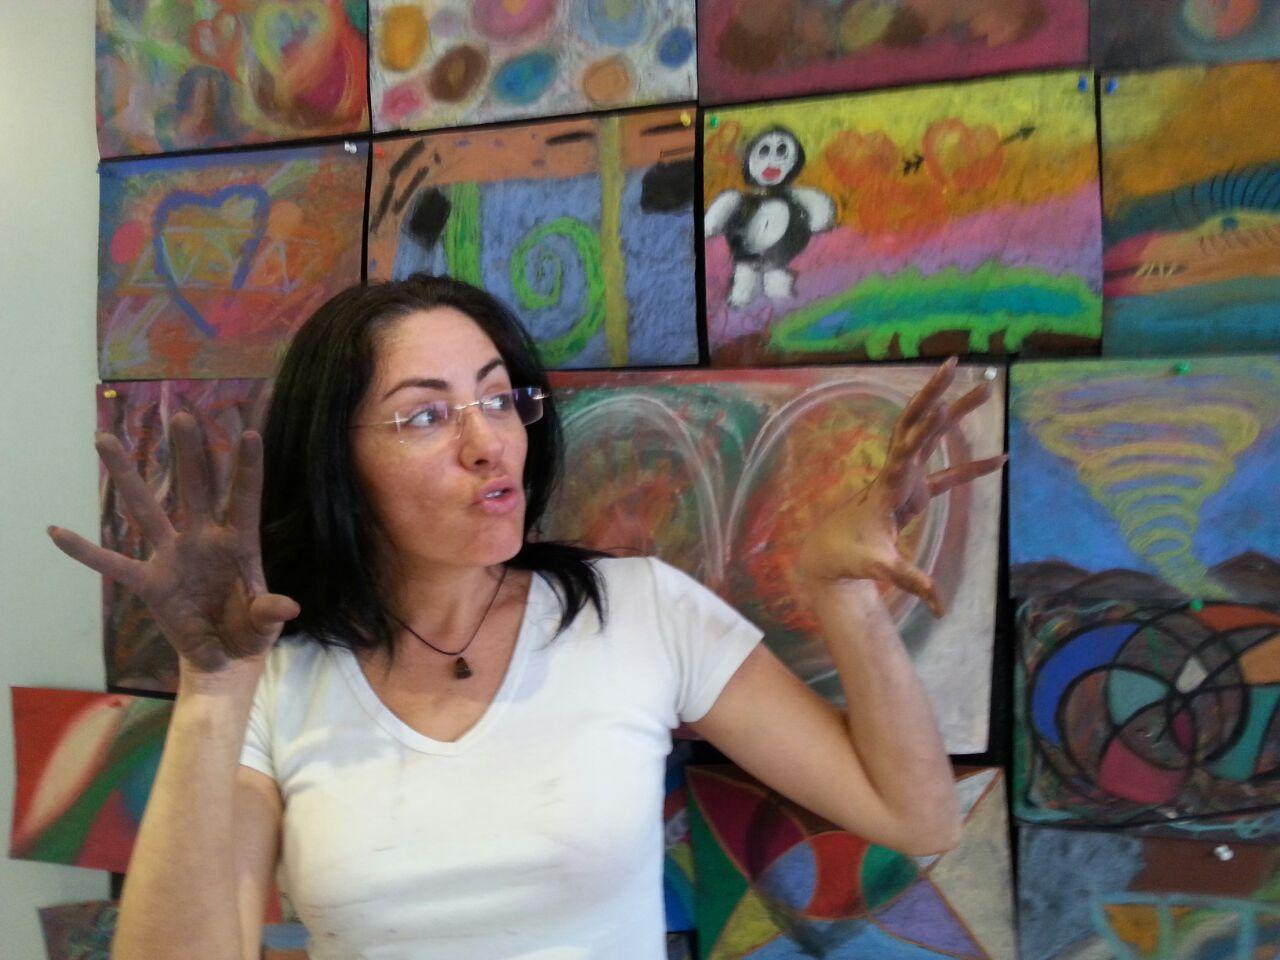 משתתפת עם תערוכת ציורים אינטואיטיבים